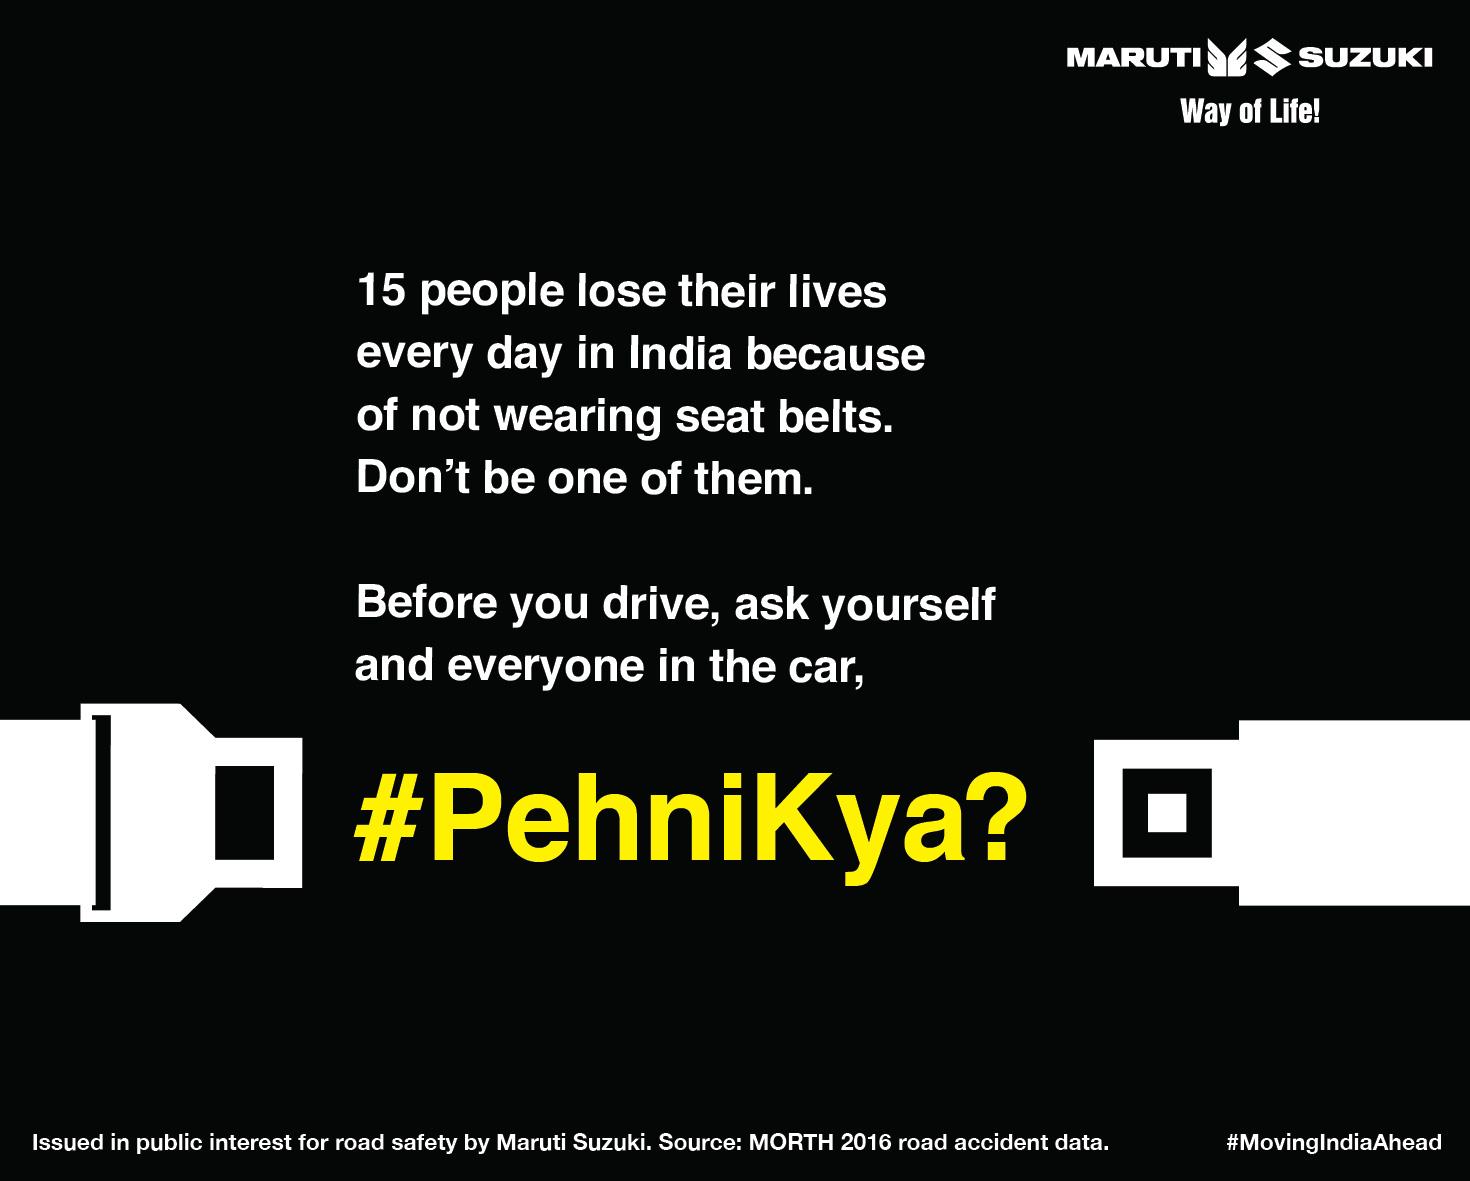 Maruti Suzuki urges all car occupants to wear the seat belt